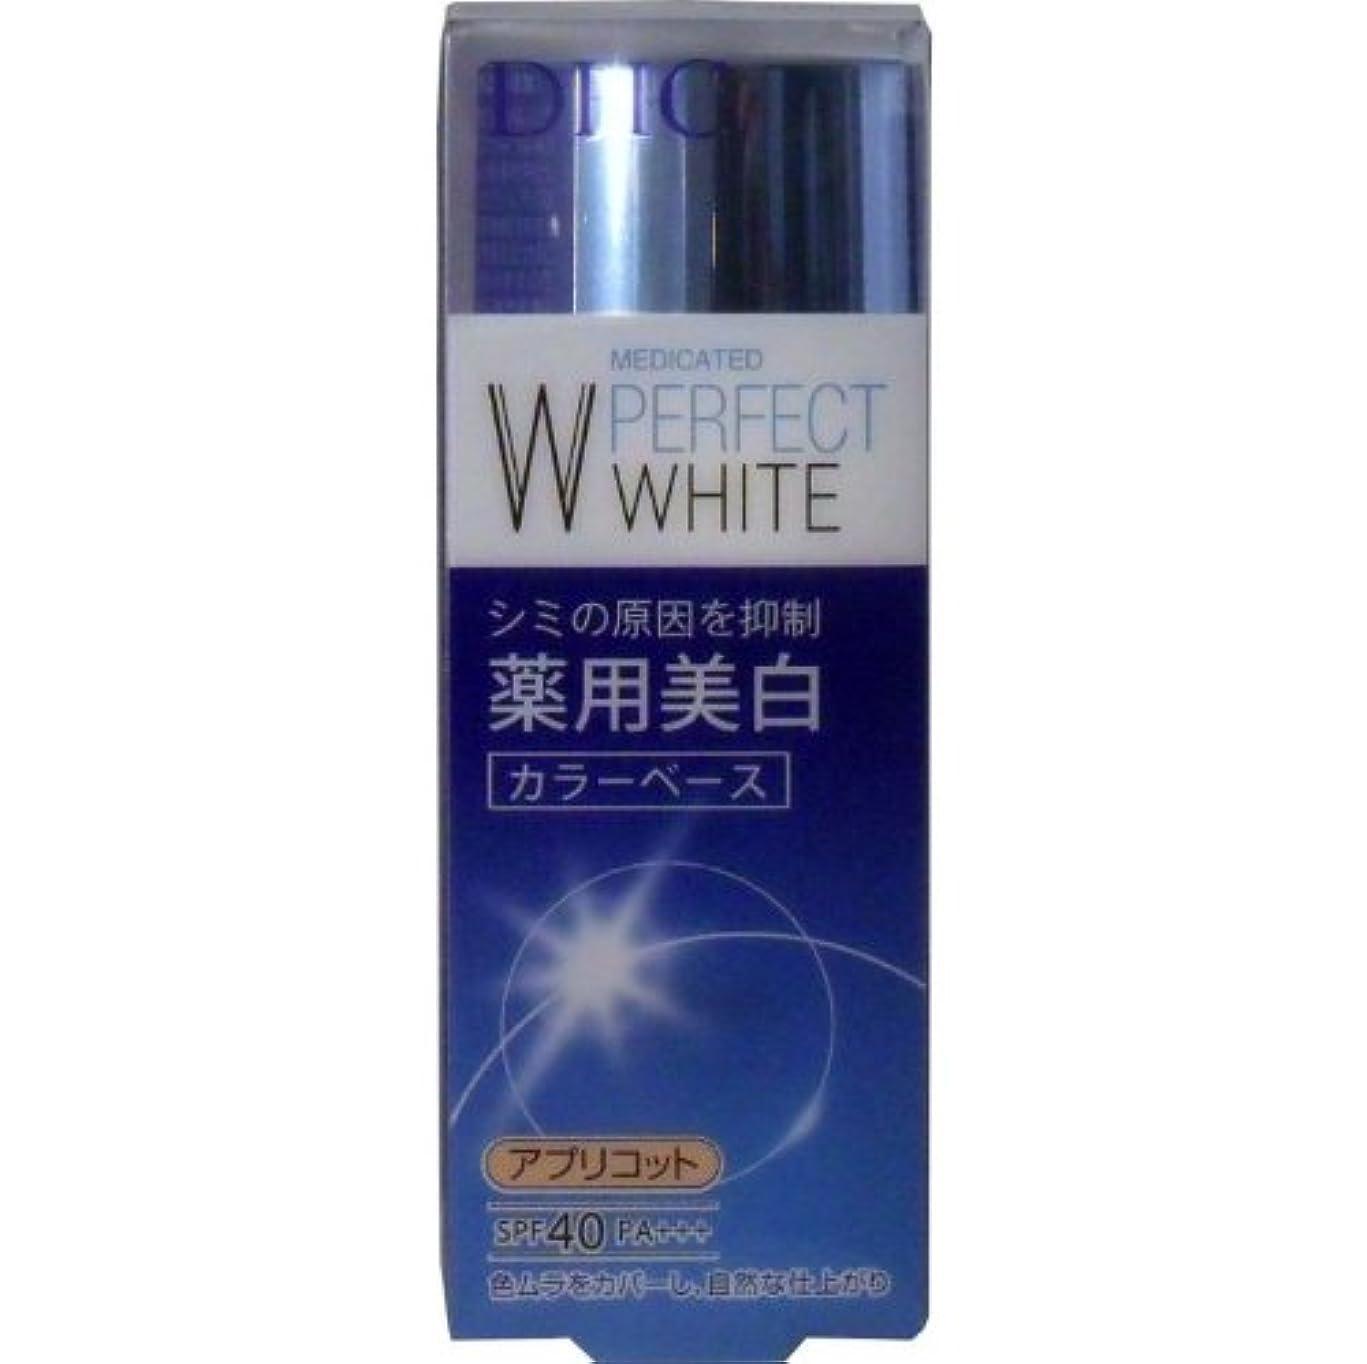 解明冬勝者DHC 薬用美白パーフェクトホワイト カラーベース アプリコット 30g